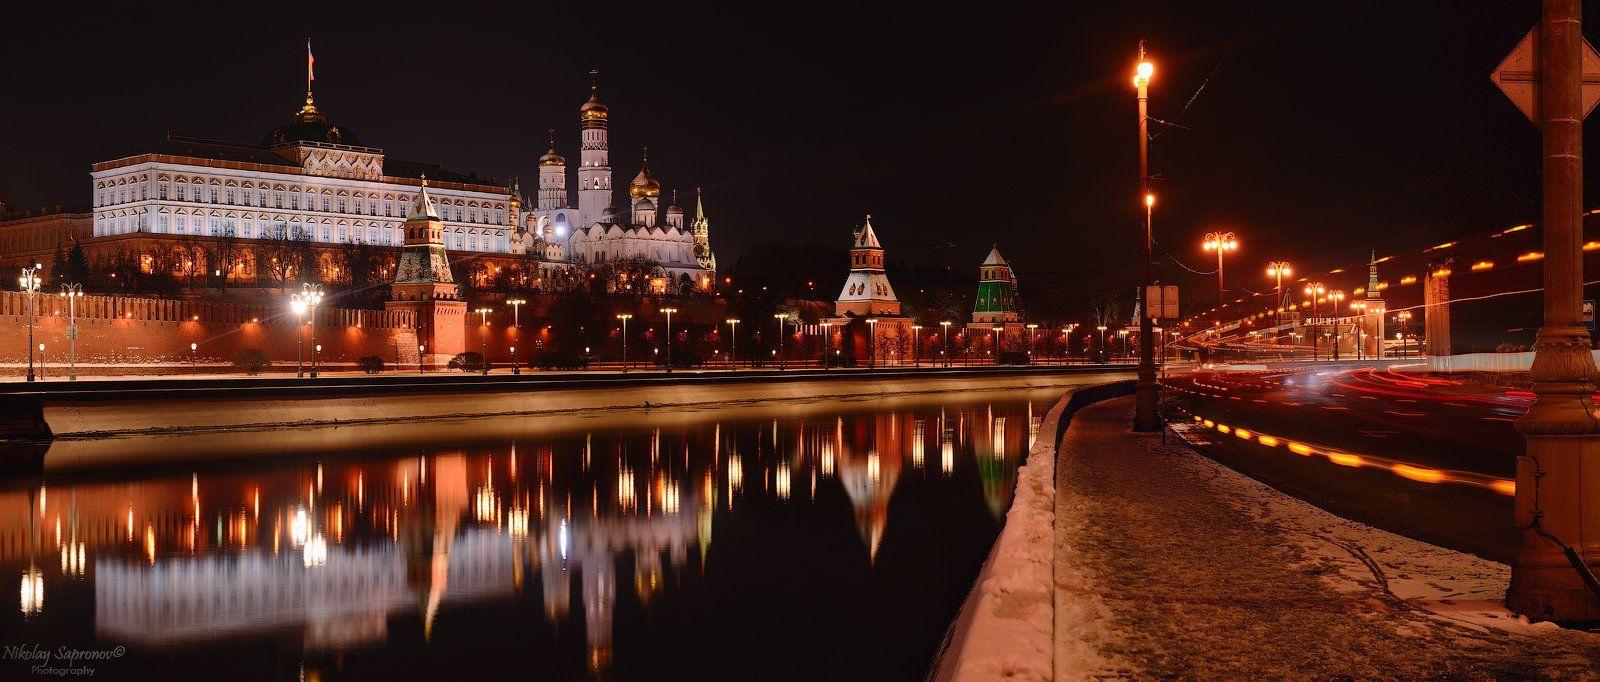 москва, кремль, московский кремль, moscow, kremlin, панорама, зима, городской пейзаж, москва-река, софийская набережная, зима, Николай Сапронов